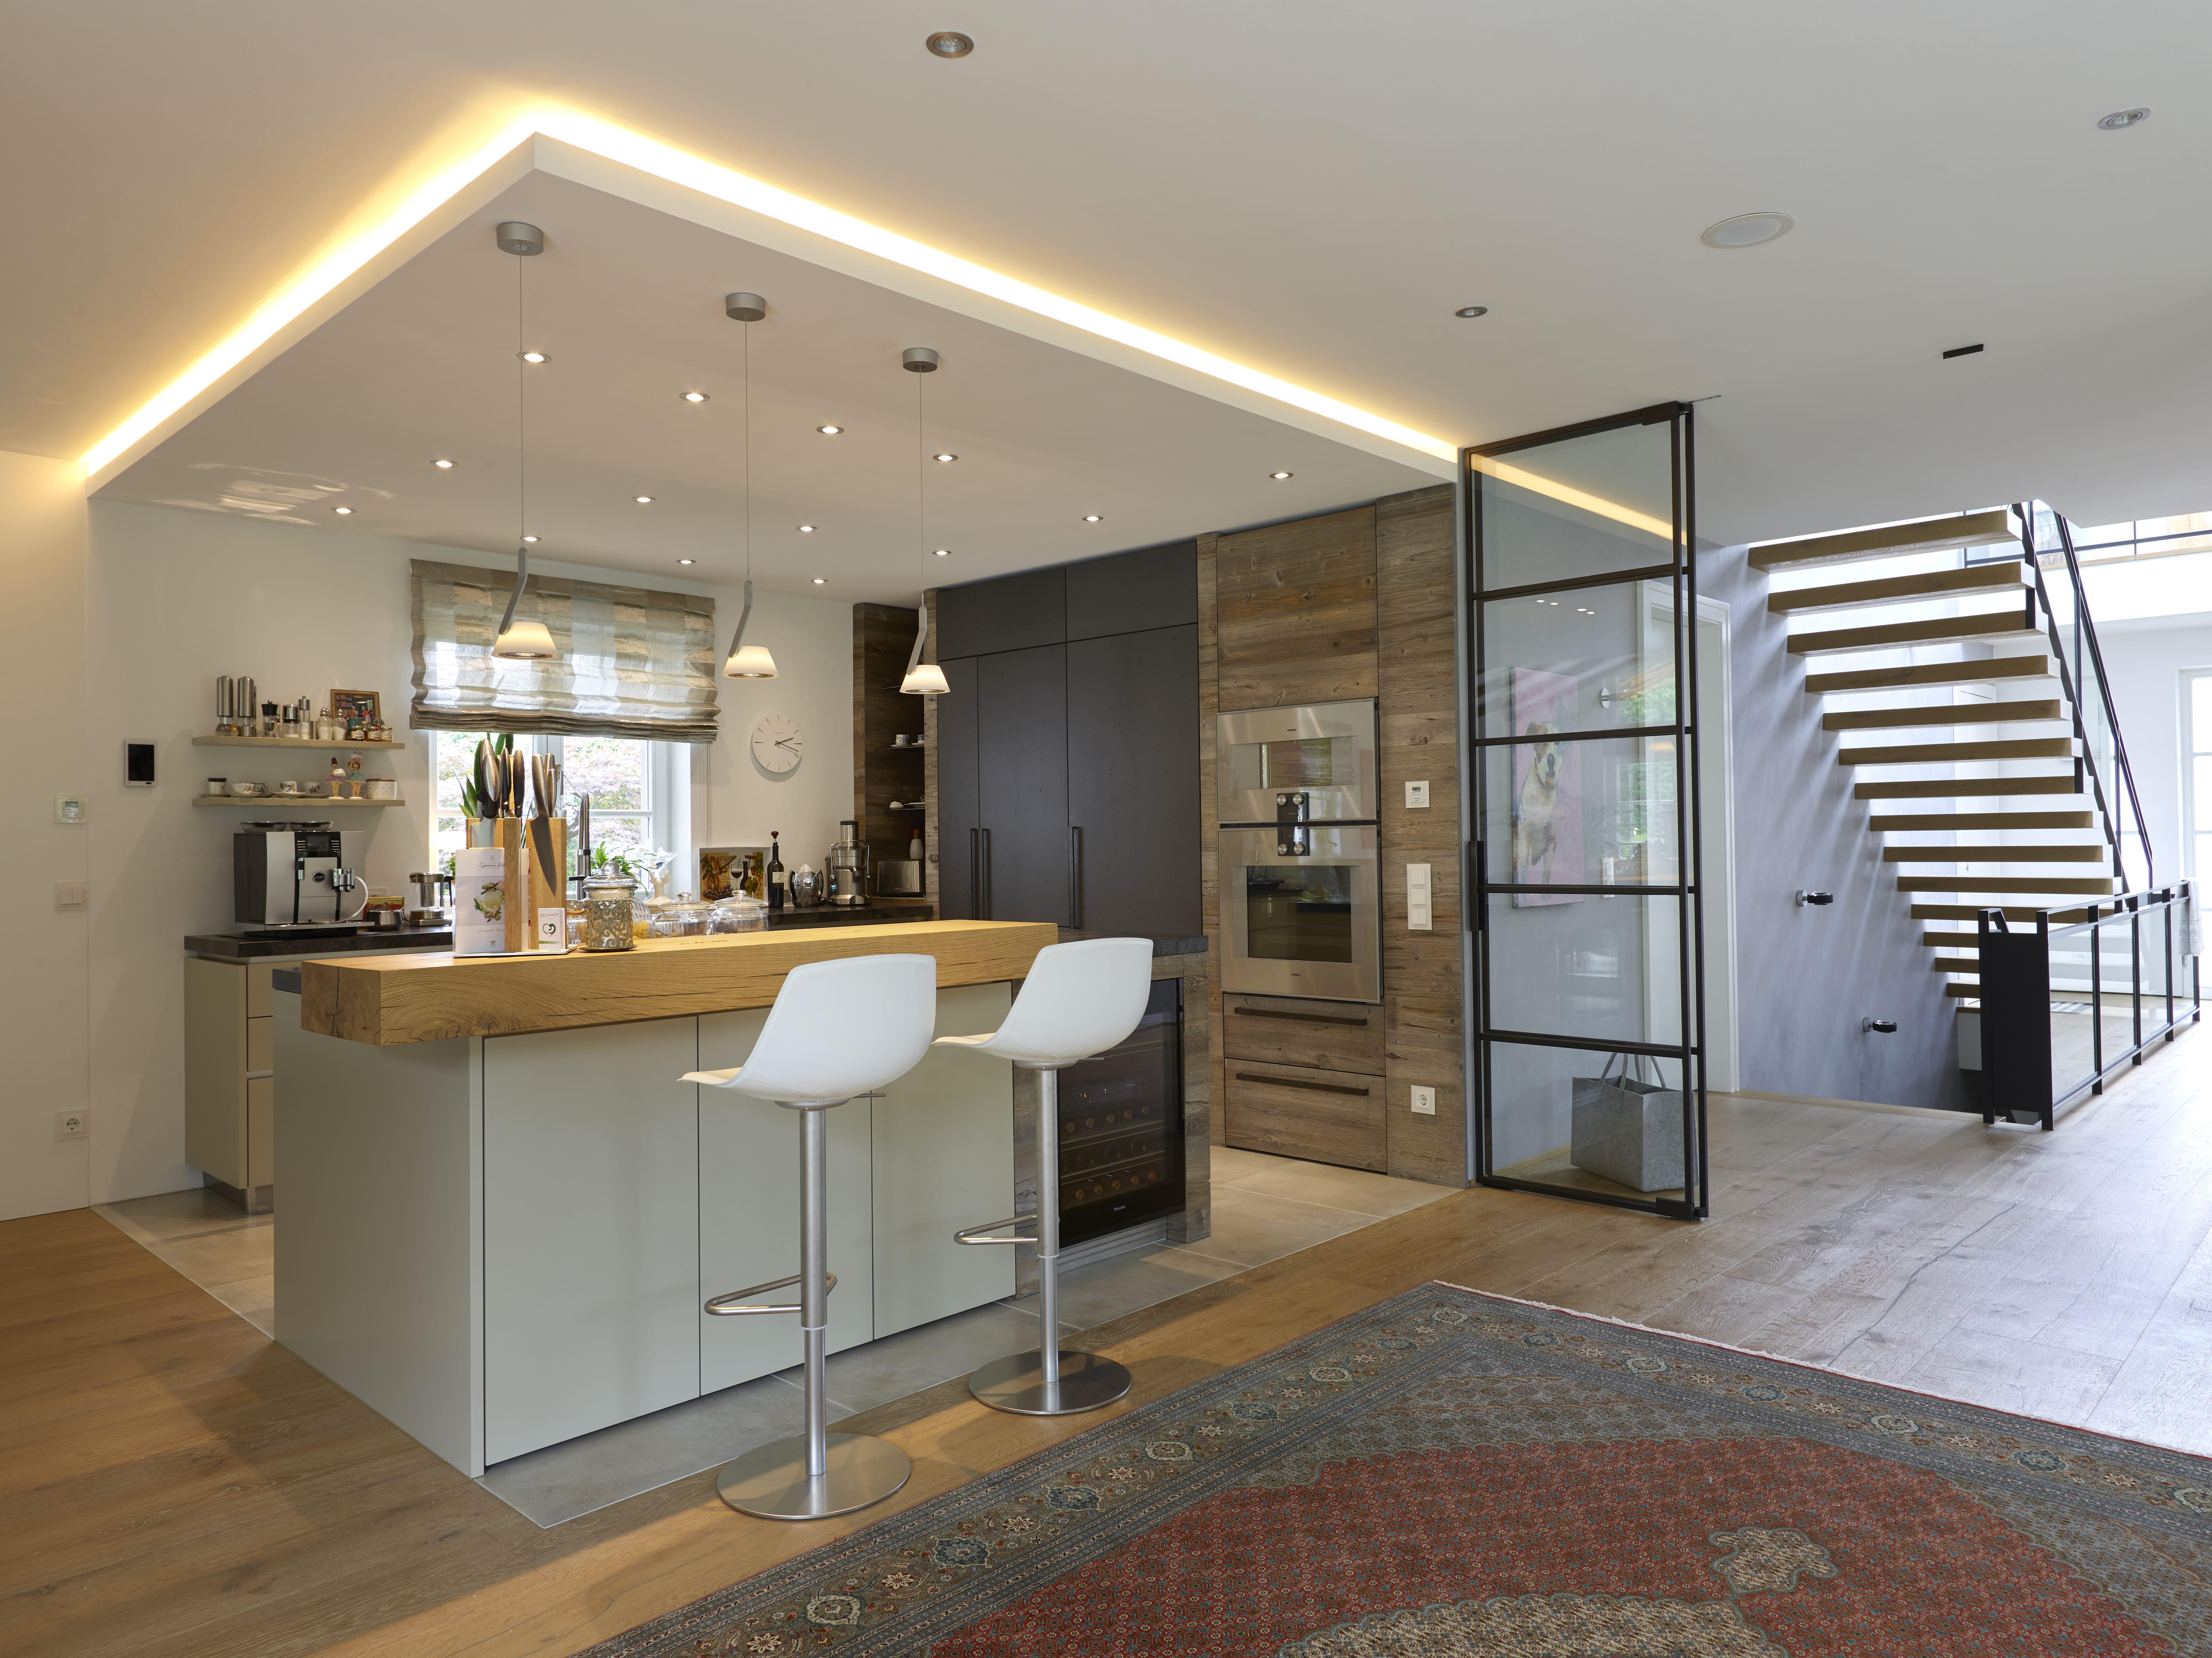 Moderne Individualküche von VOIT Planungsbüro entworfen, an der Decke Beleuchtungselemente